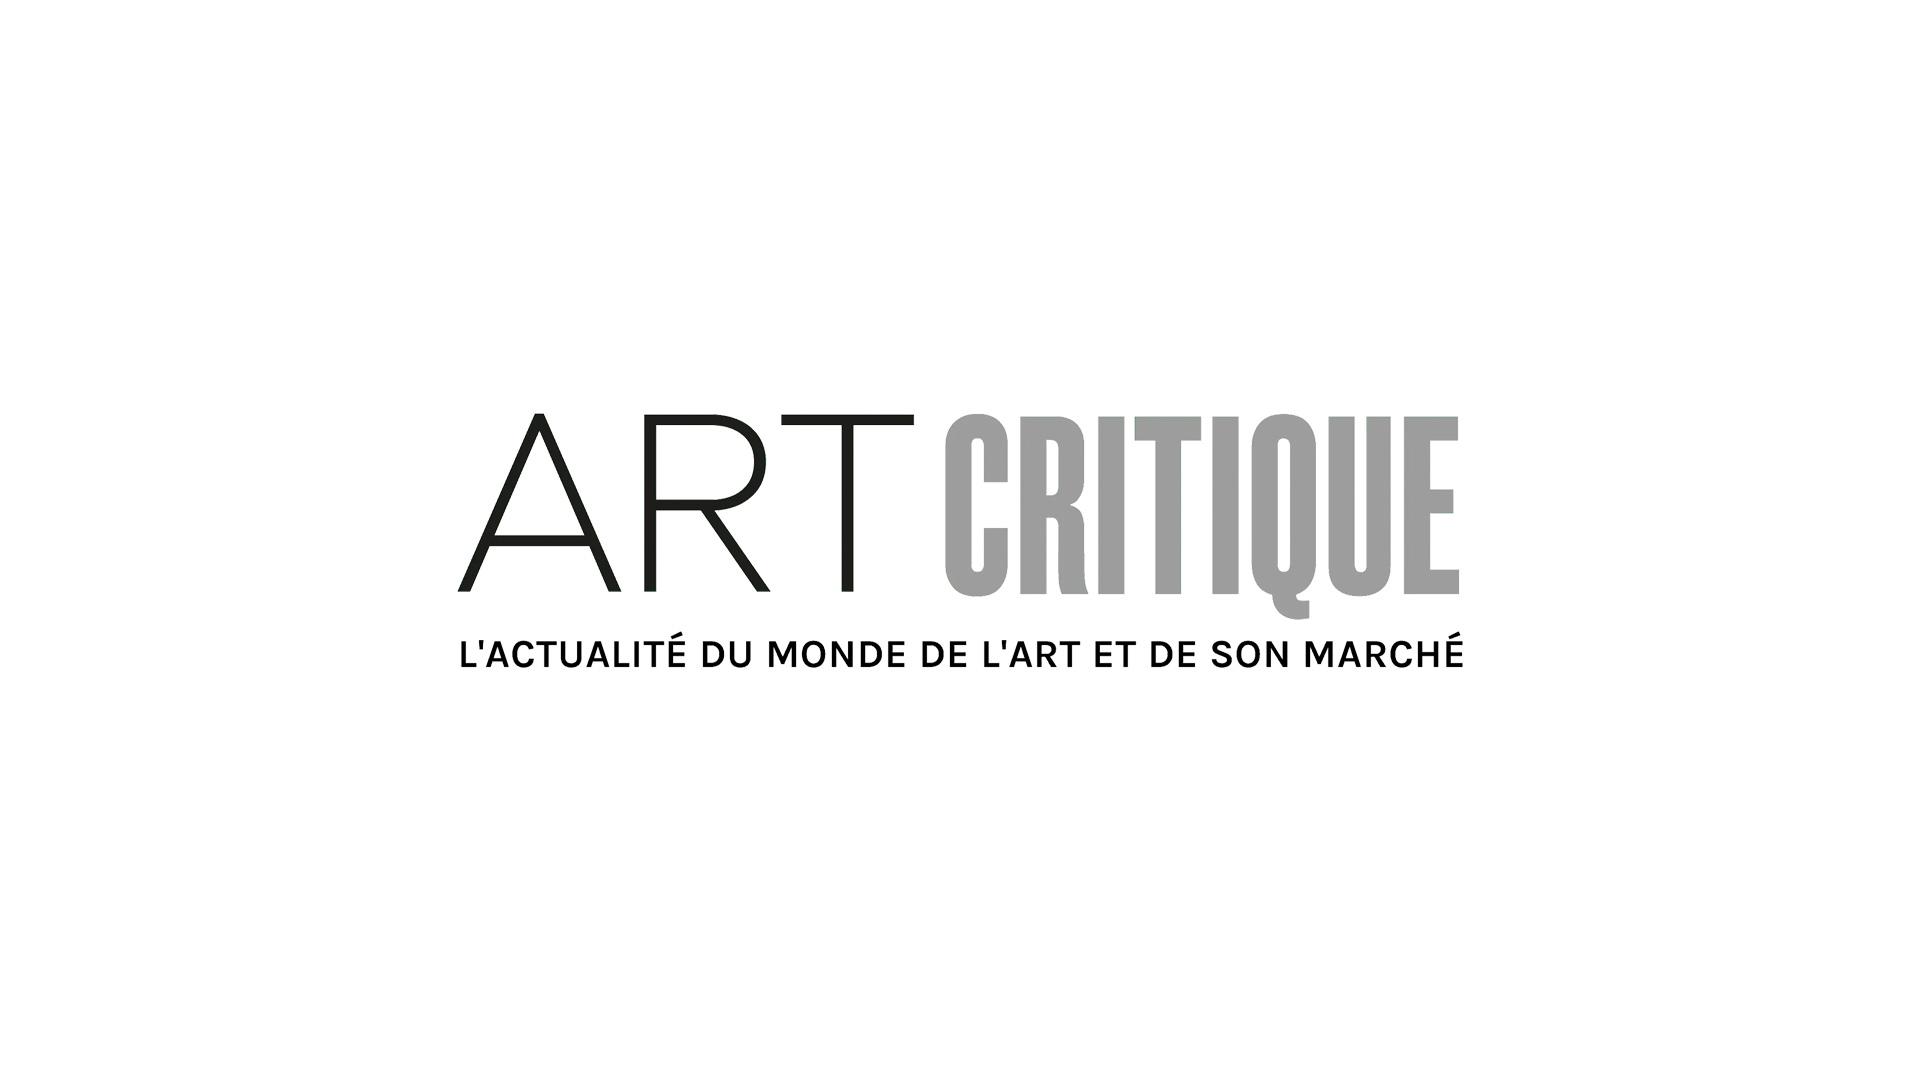 La peinture sans concession de Barnett Newman